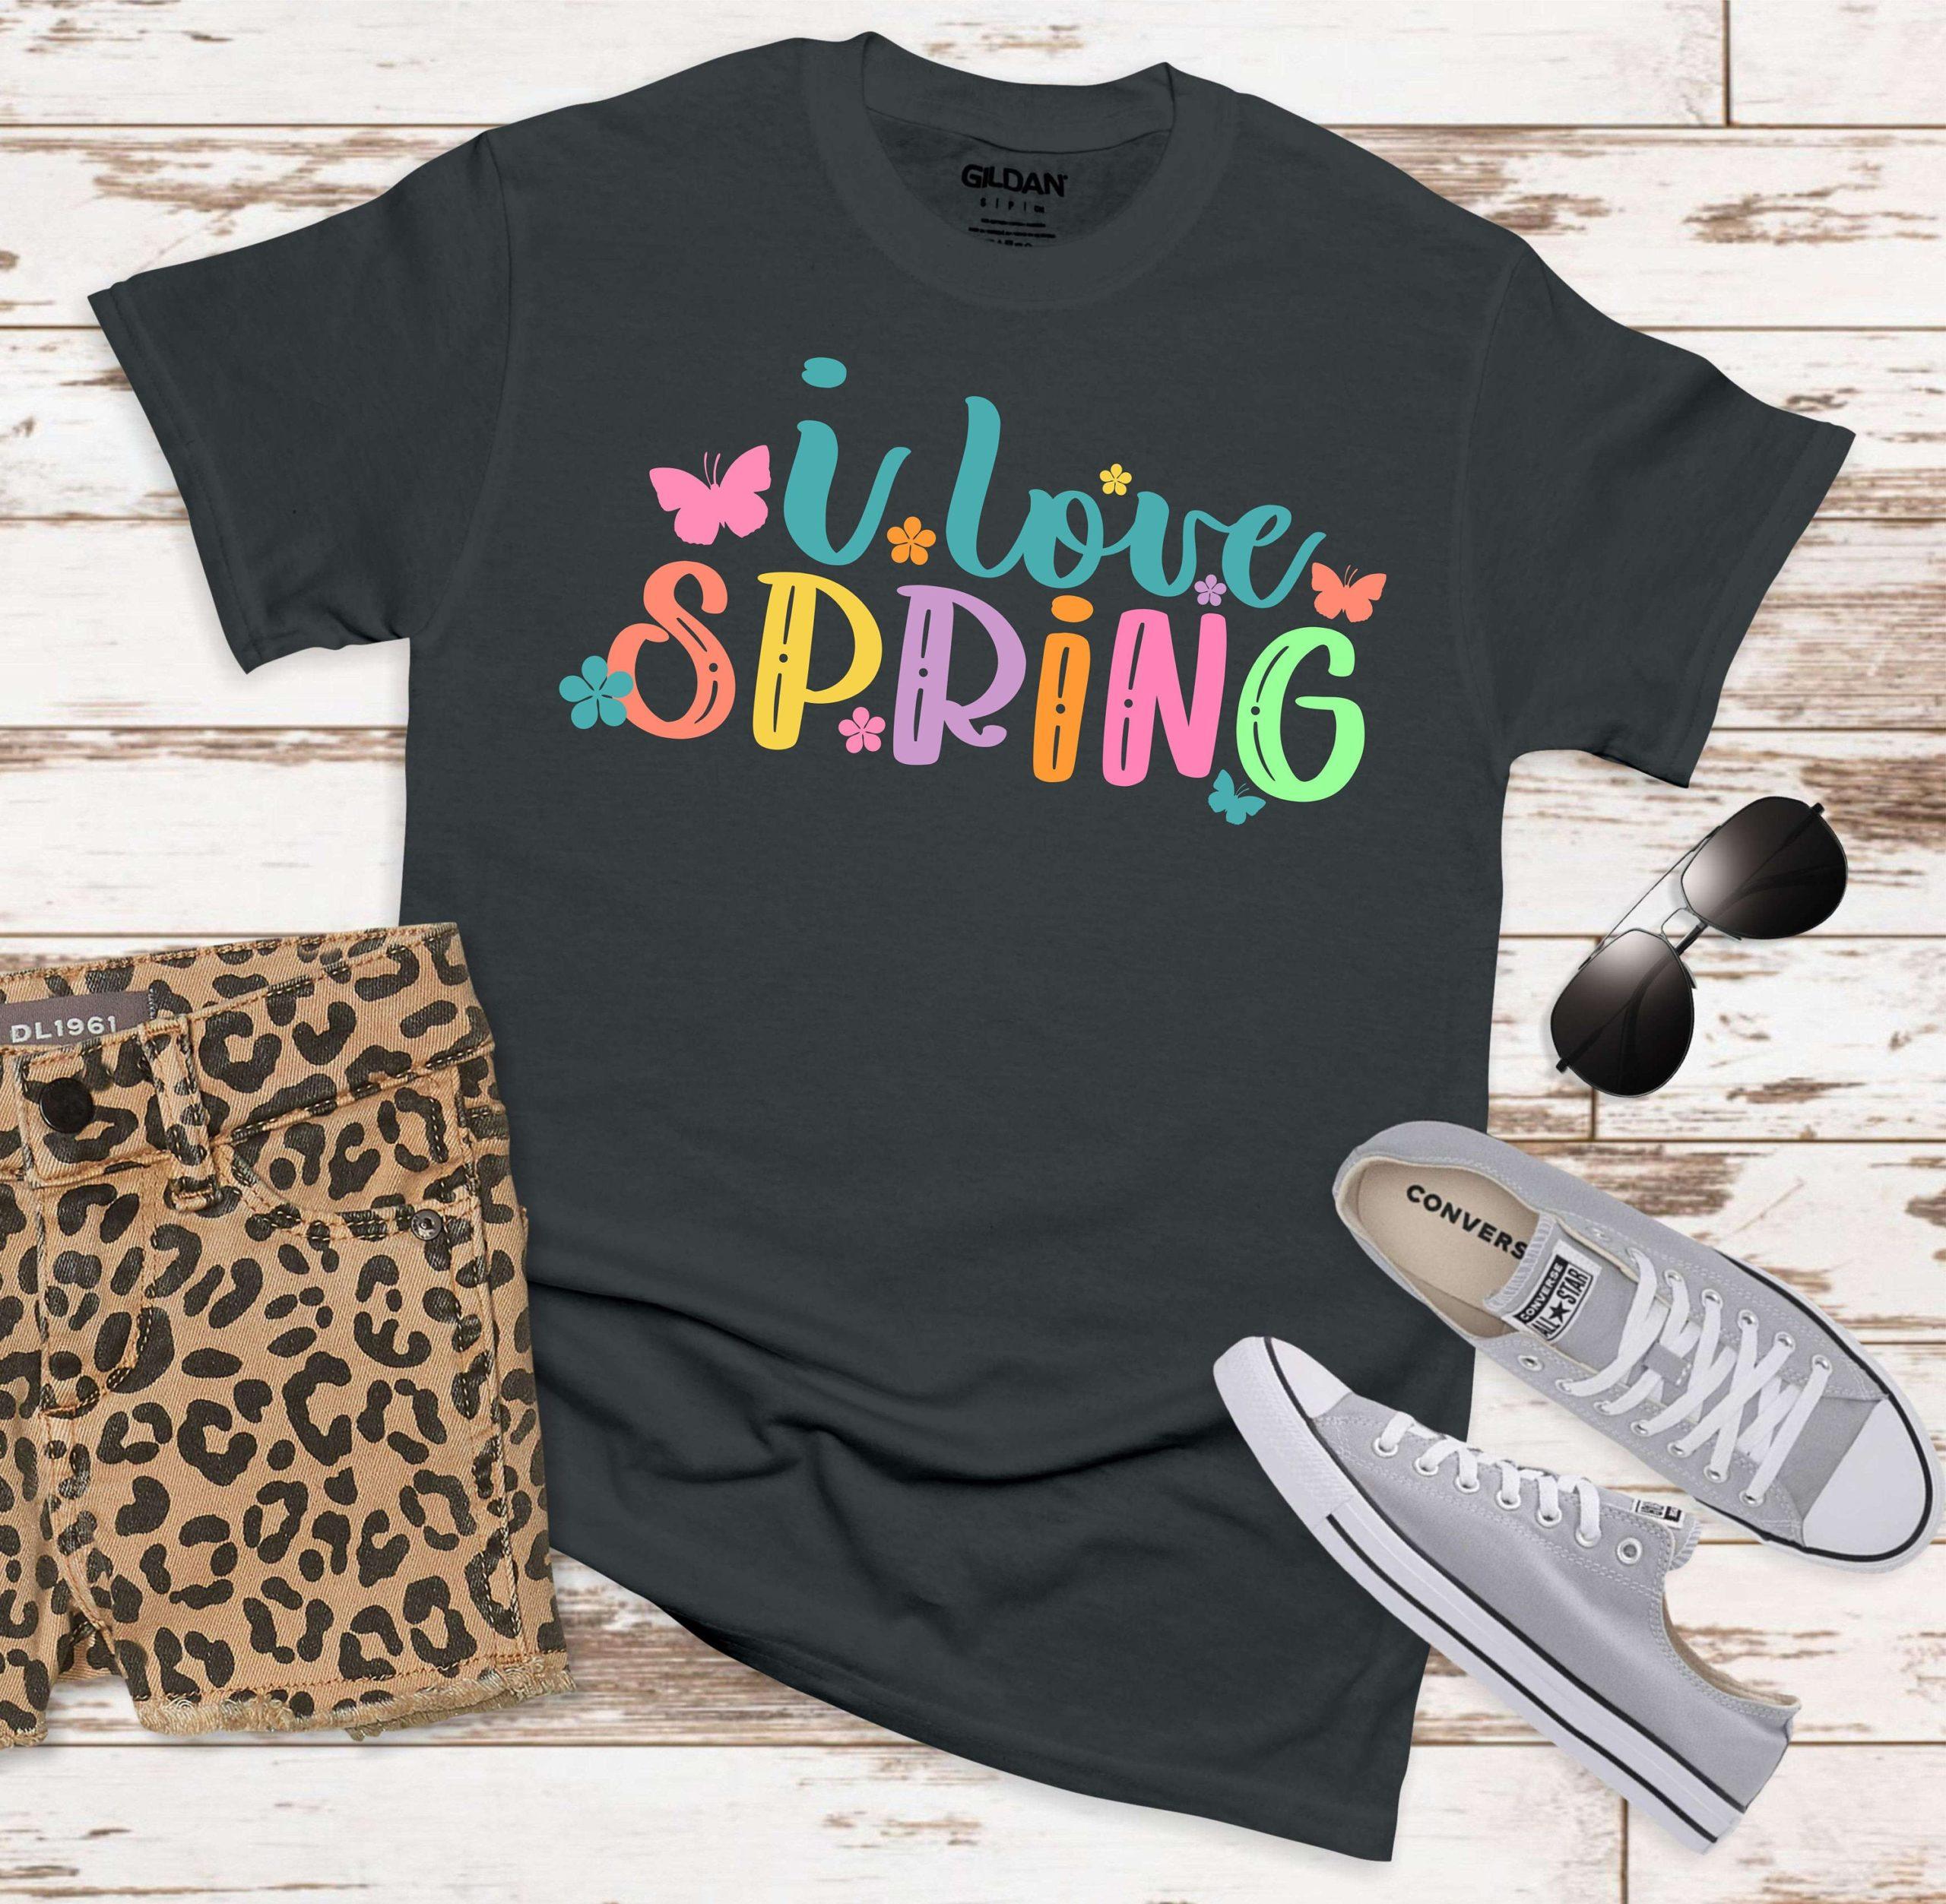 Spring-svg-i-love-spring-svg-spring-svgs-springtime-svg-flowers-svg-spring-svg-design-spring-cut-filespring-cricut-svg-60512974